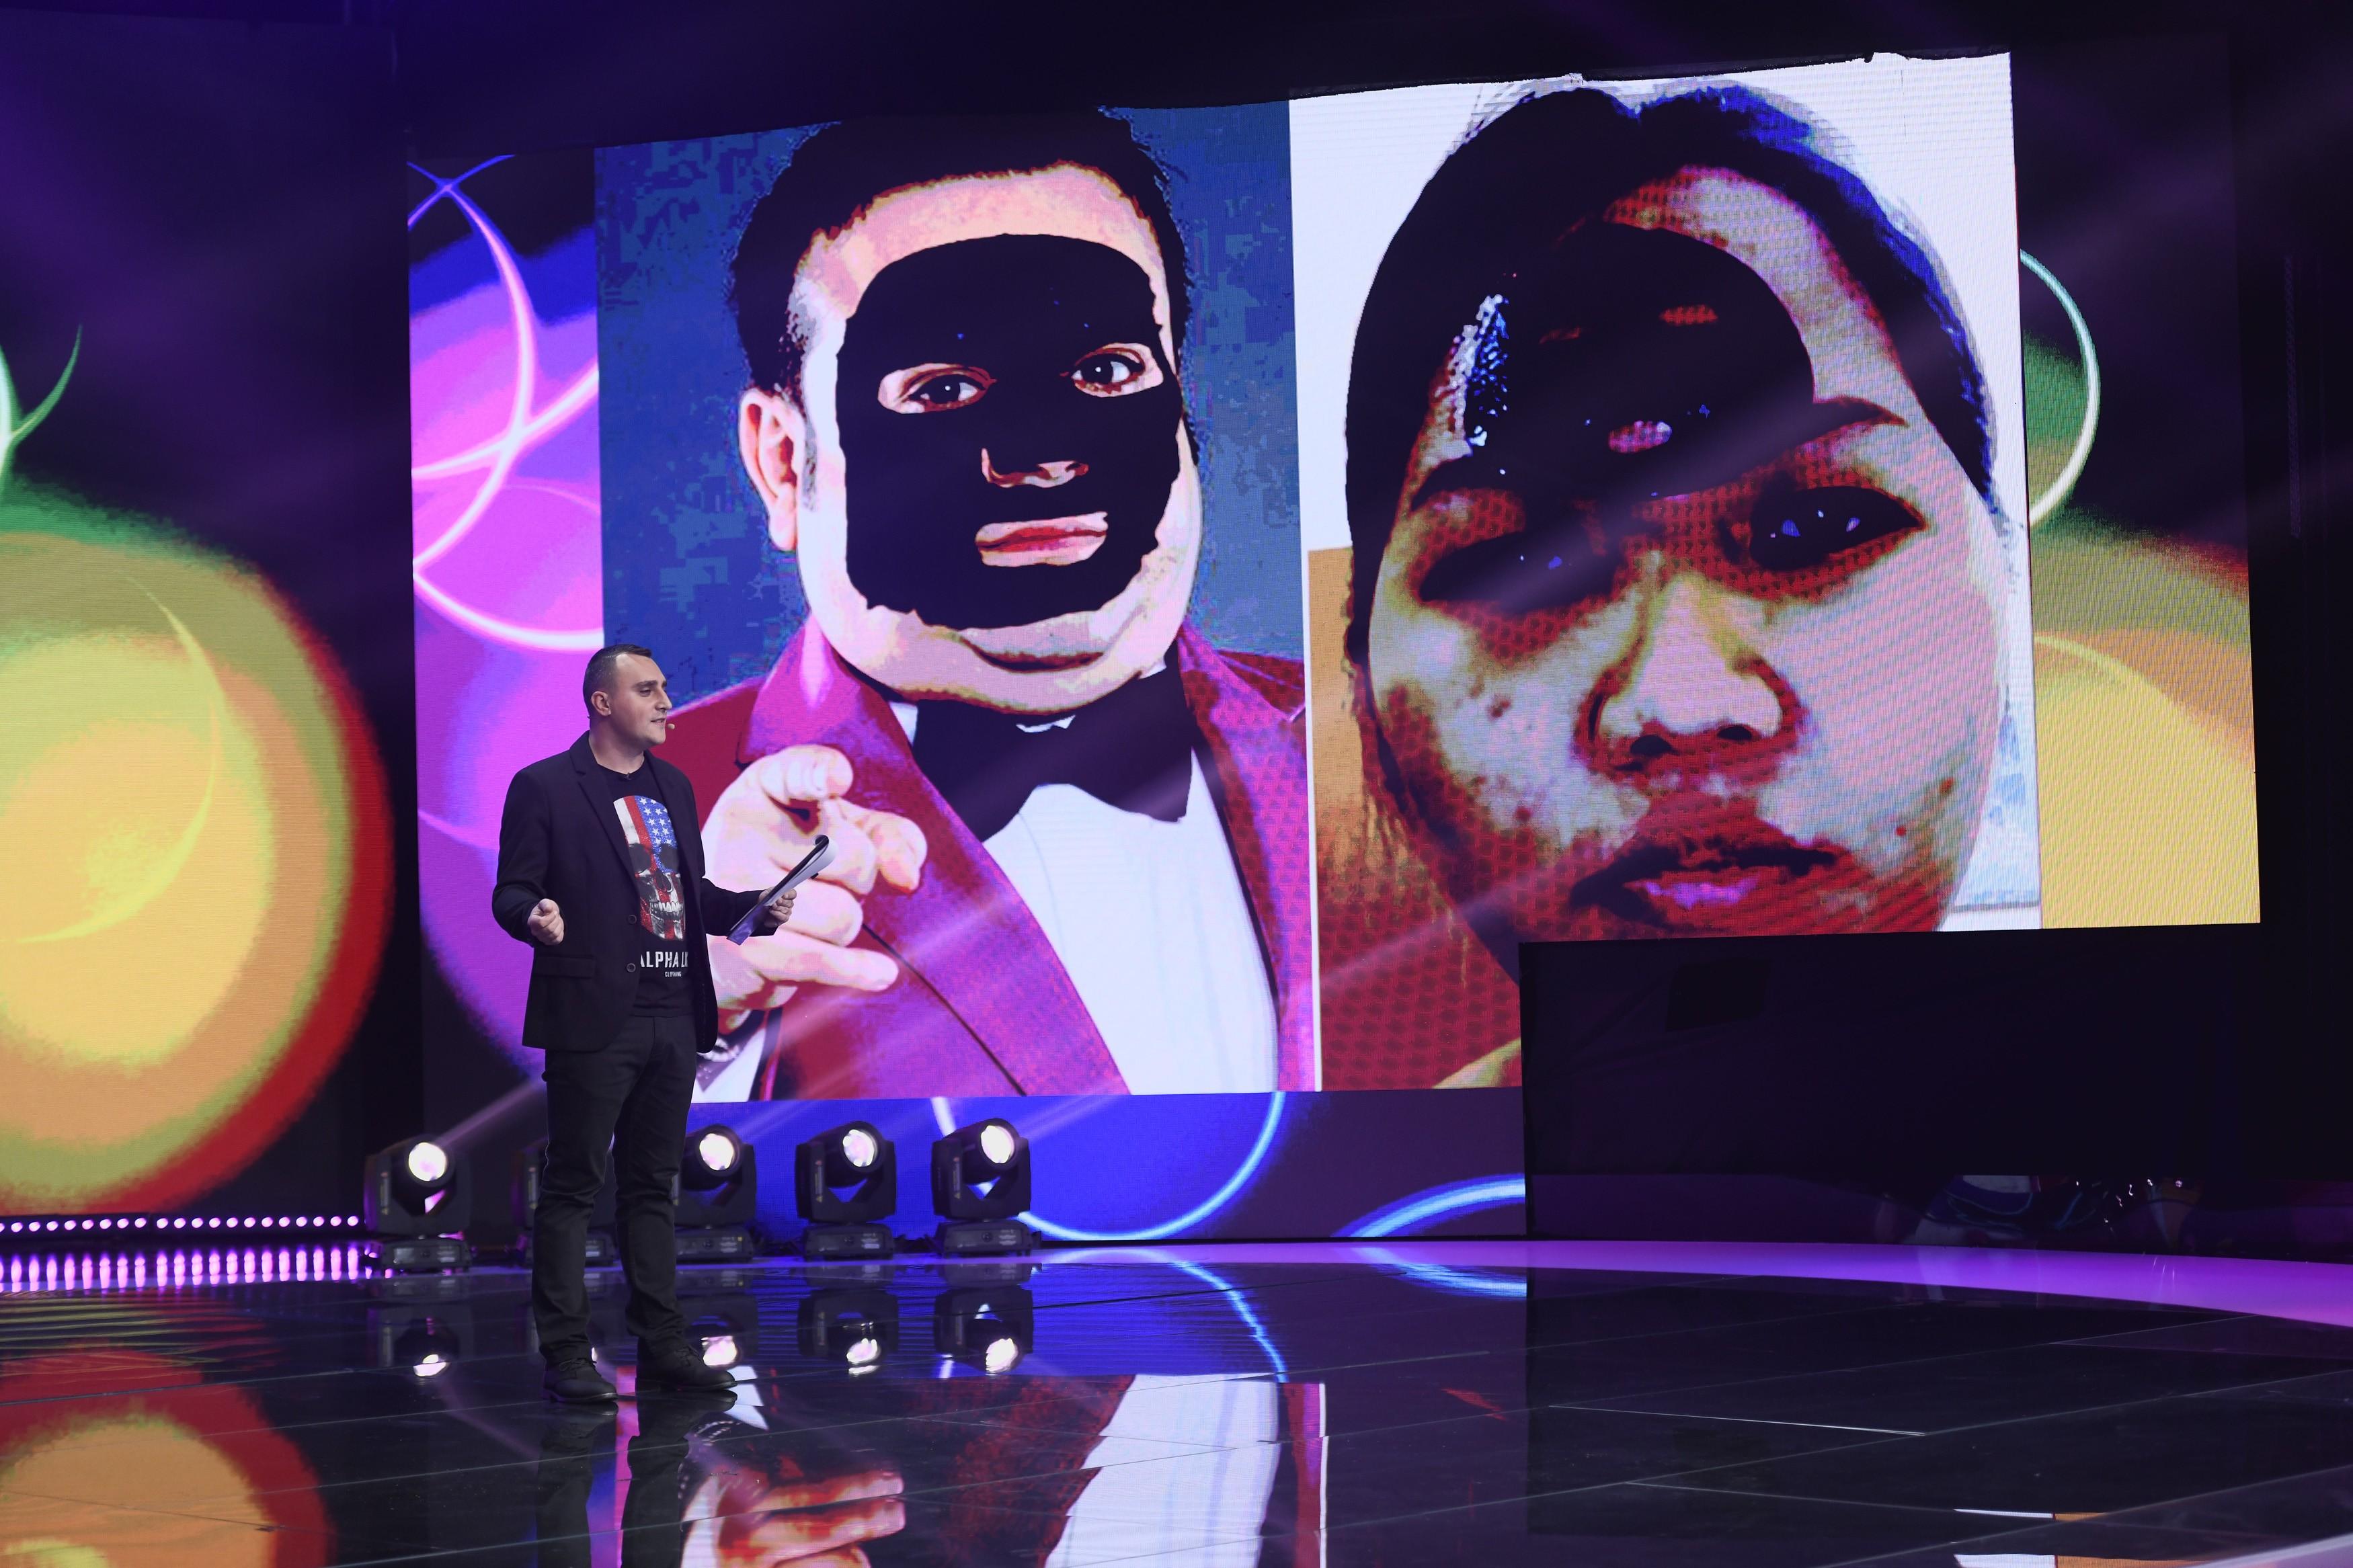 iUmor 2020, Semifinala. Dan Cârstea, prezentatorul cu șarm, a luat cu asalt scena iUmor cu o serie de știri speciale